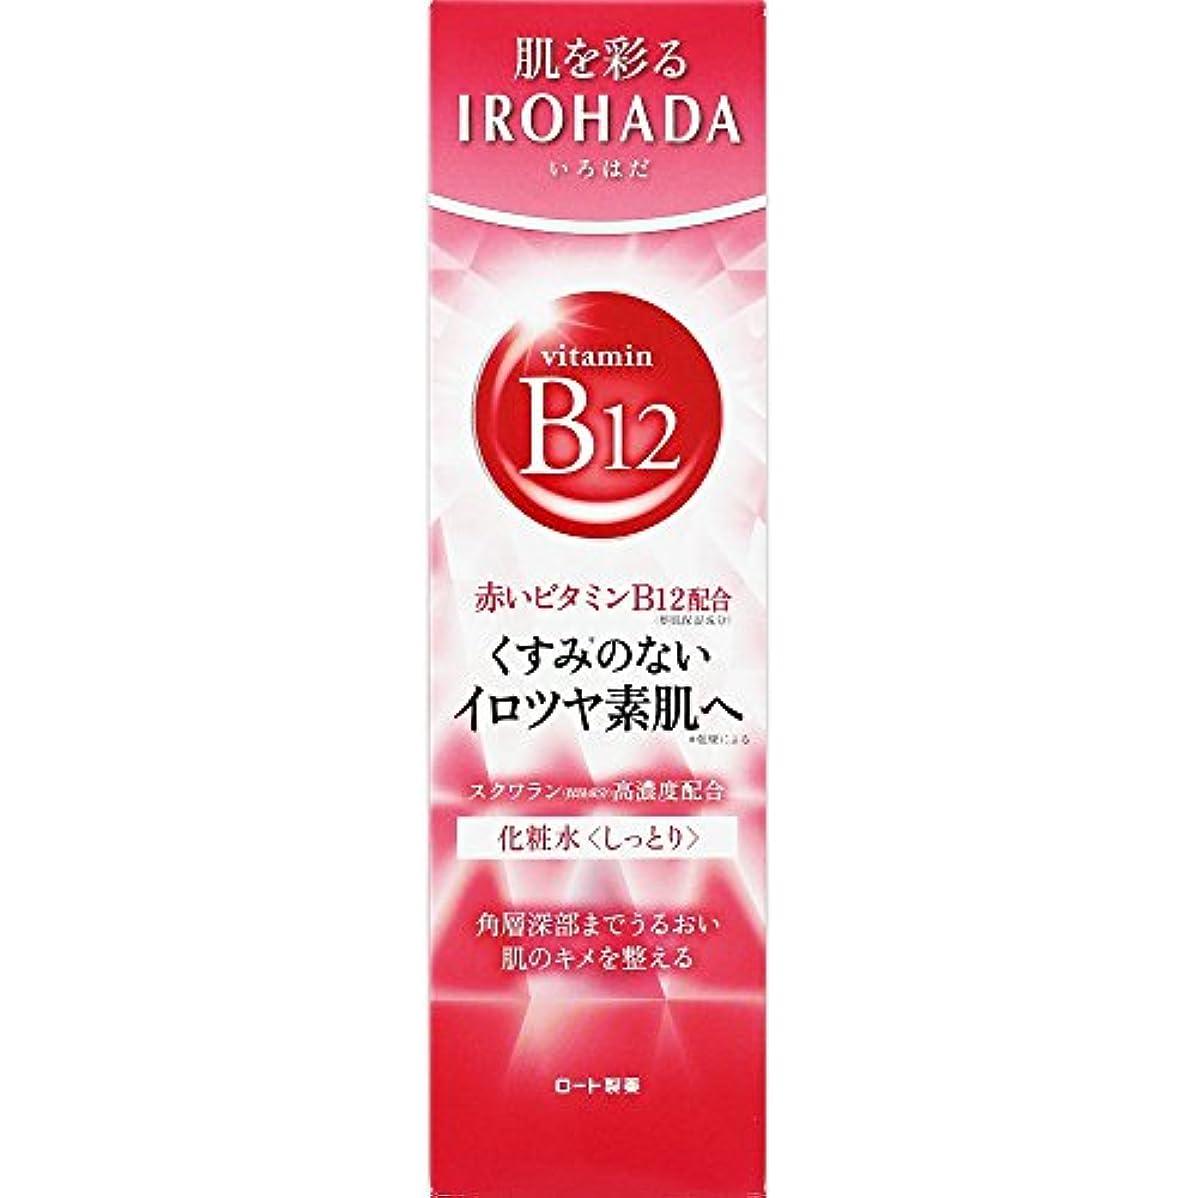 ビデオ伝導率当社ロート製薬 いろはだ (IROHADA) 赤いビタミンB12×スクワラン配合 化粧水しっとり 160ml